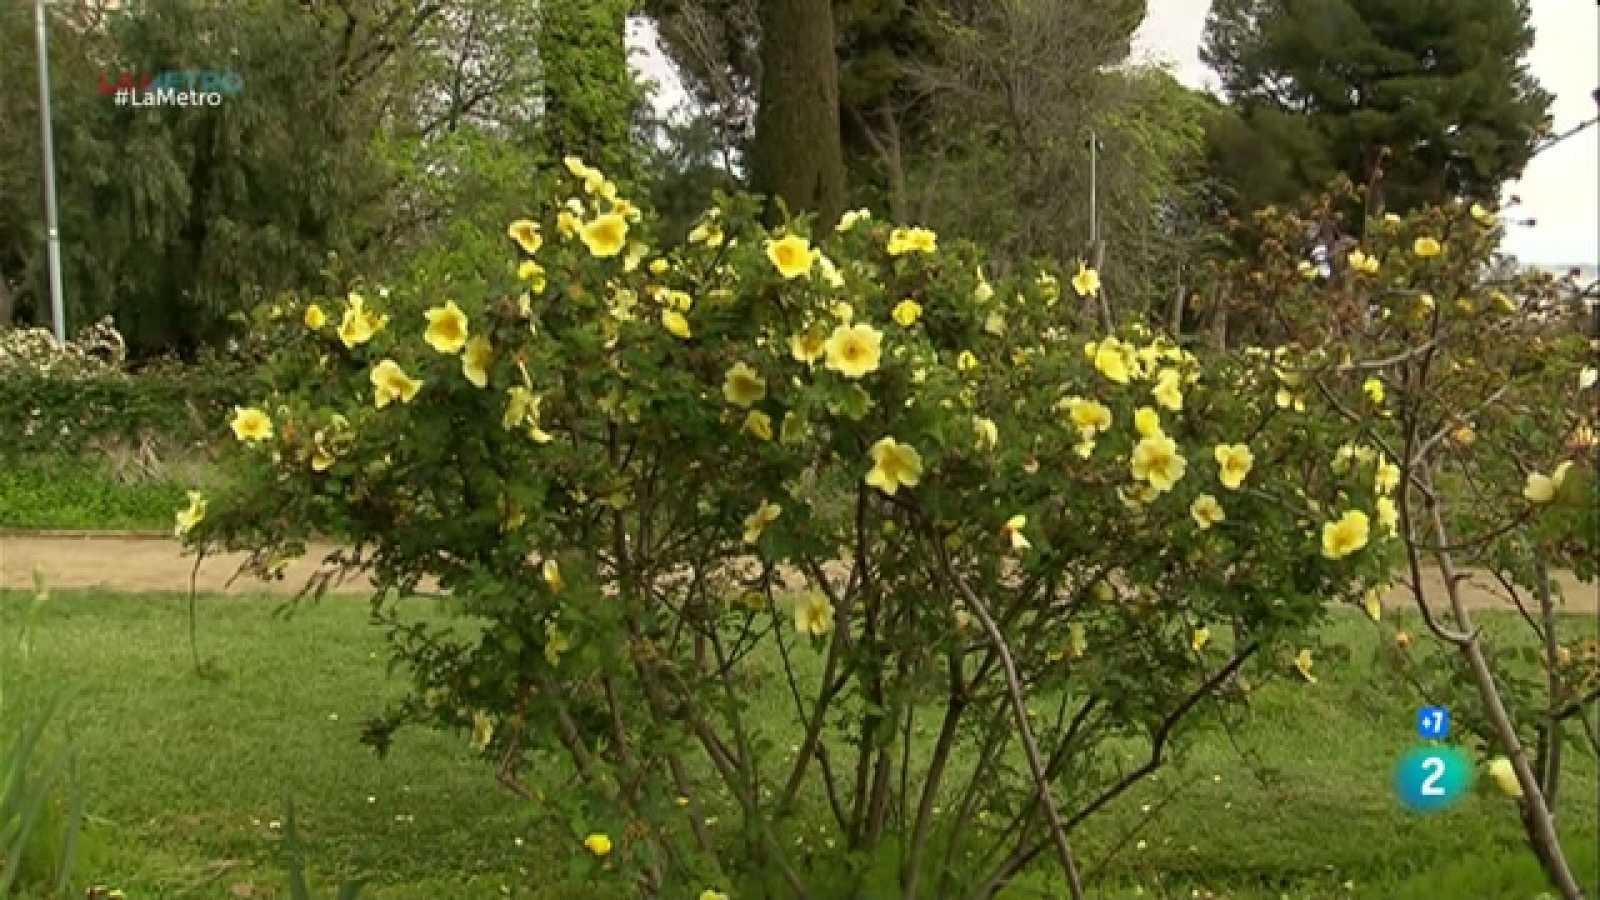 Parlem amb afeccionats de la passió per les roses, quan ja tot és a punt per l'Exposició Nacional de Roses que se celebra del 7 al 16 de maig a Sant Feliu de Llobregat.